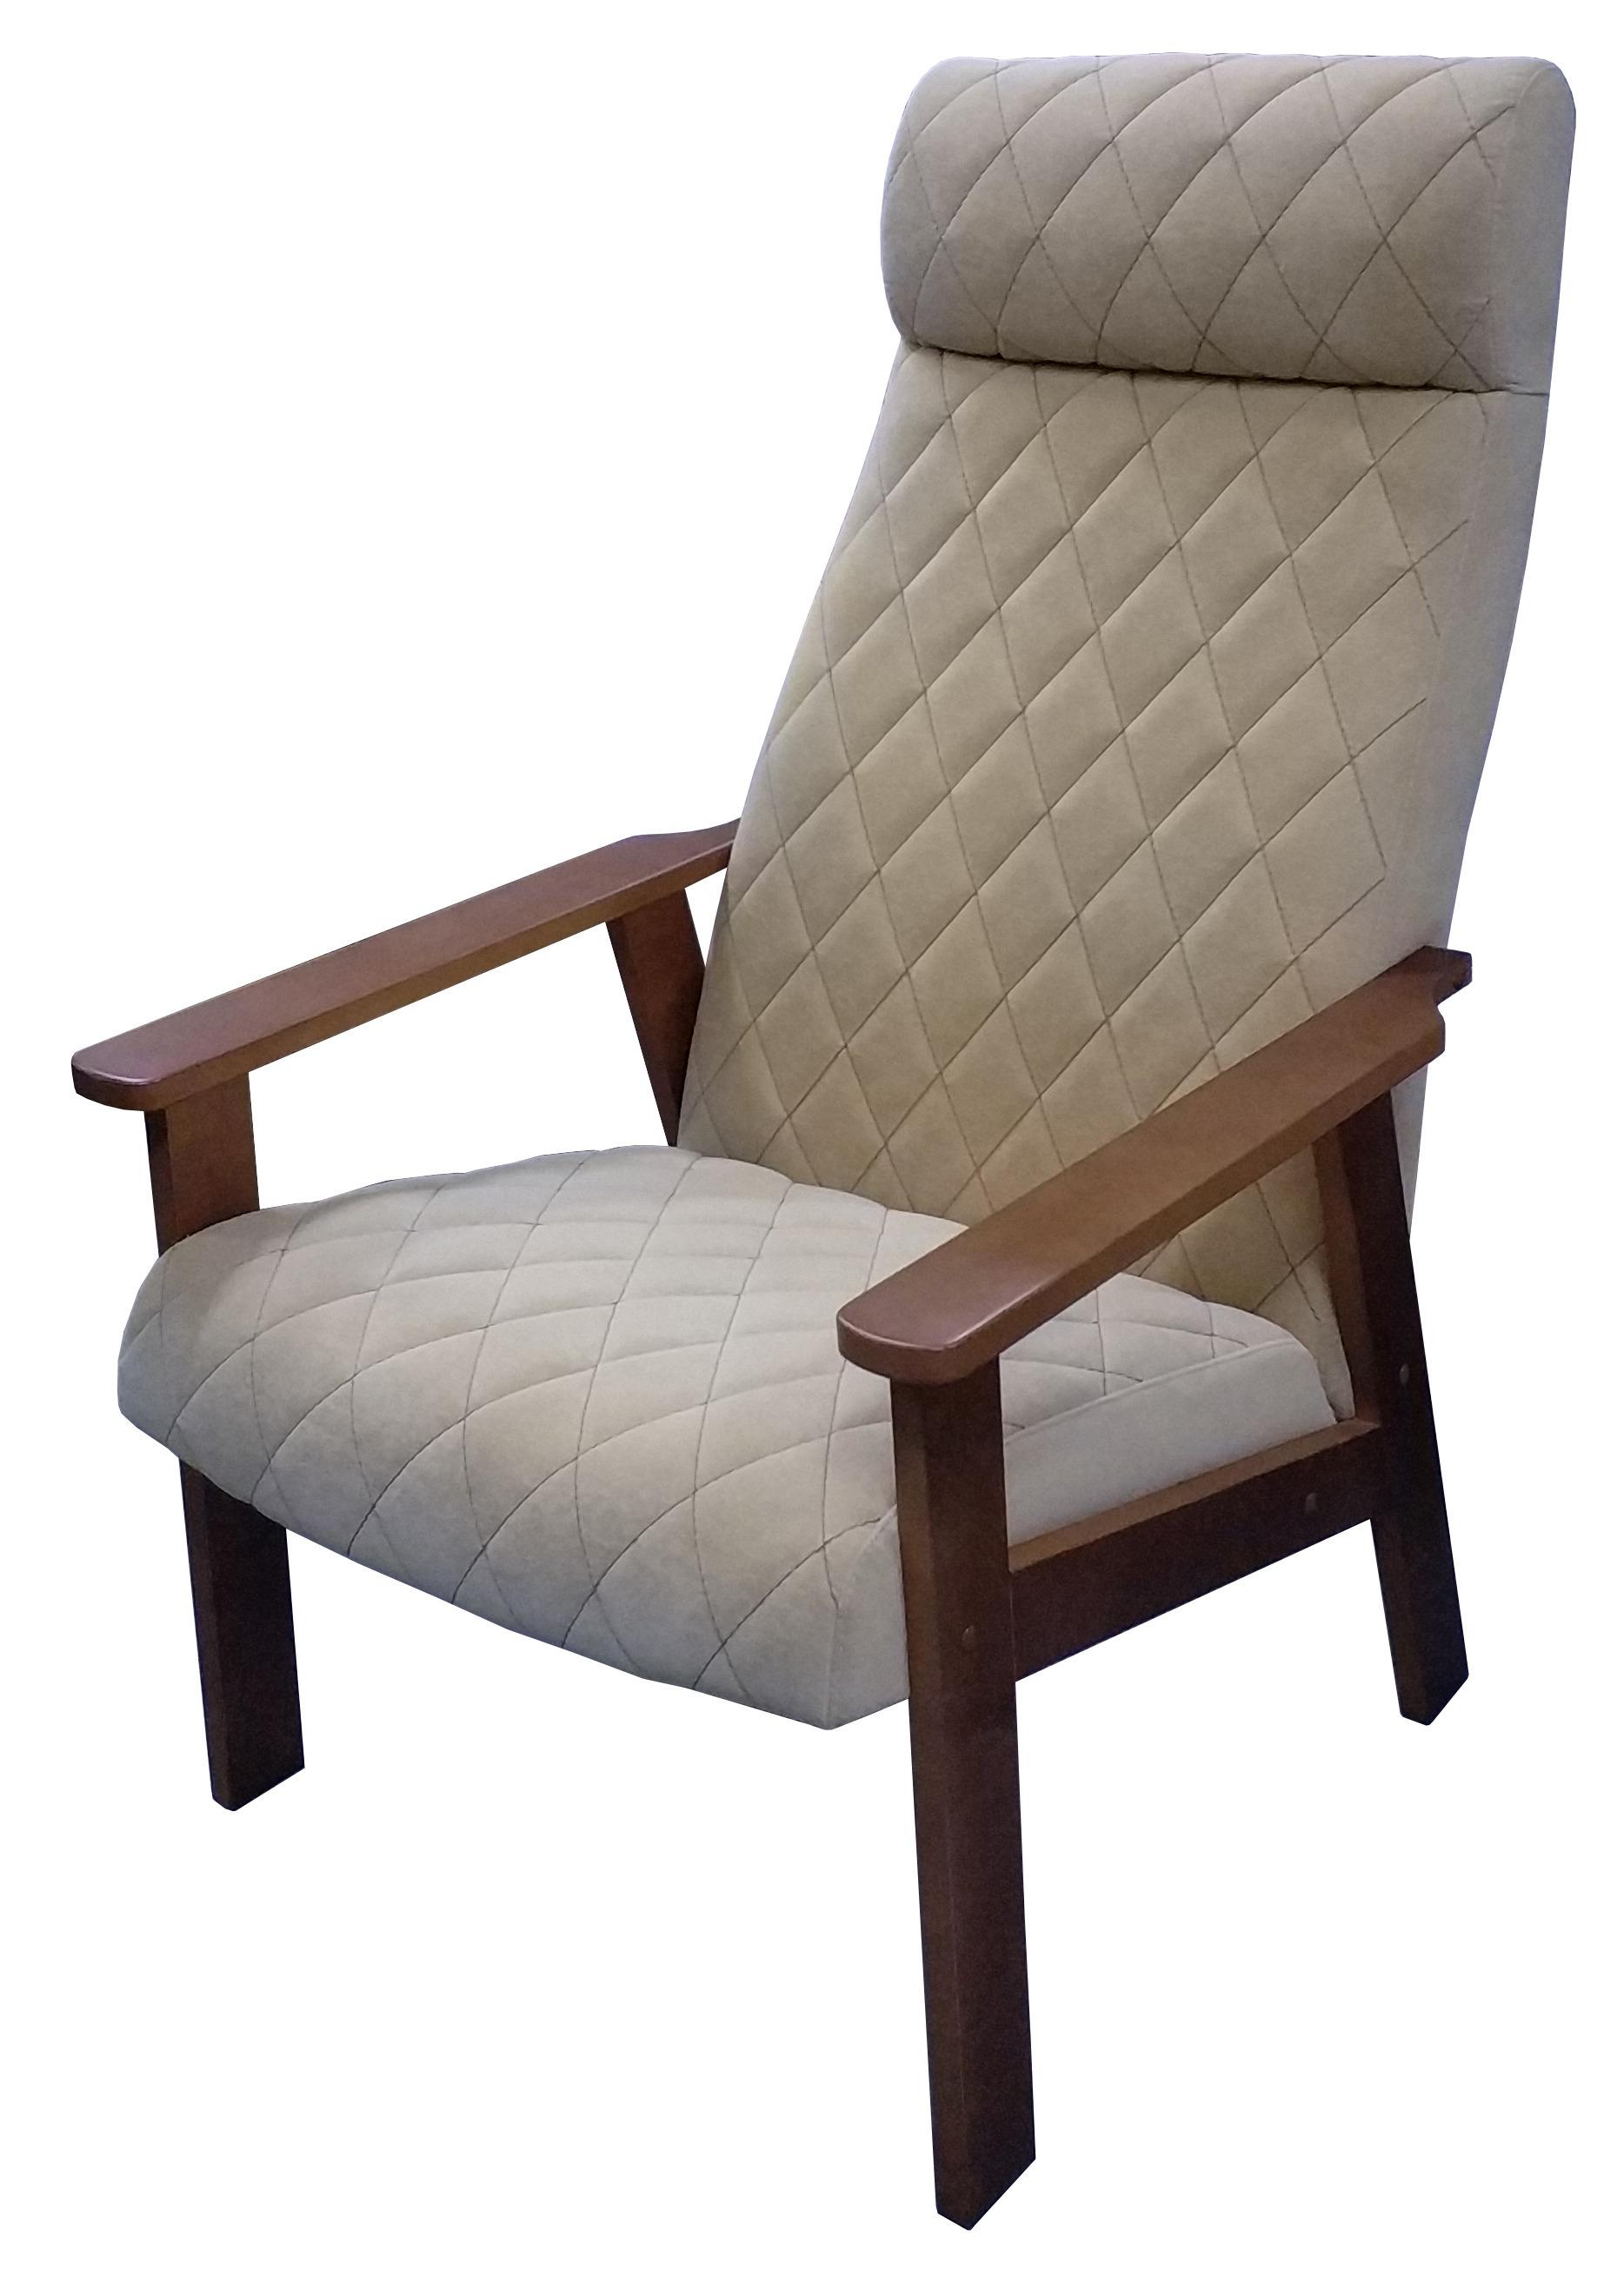 Кресло для отдыха Вилора с прострочкой, Орех, Bolero silk bone мягкие кресла